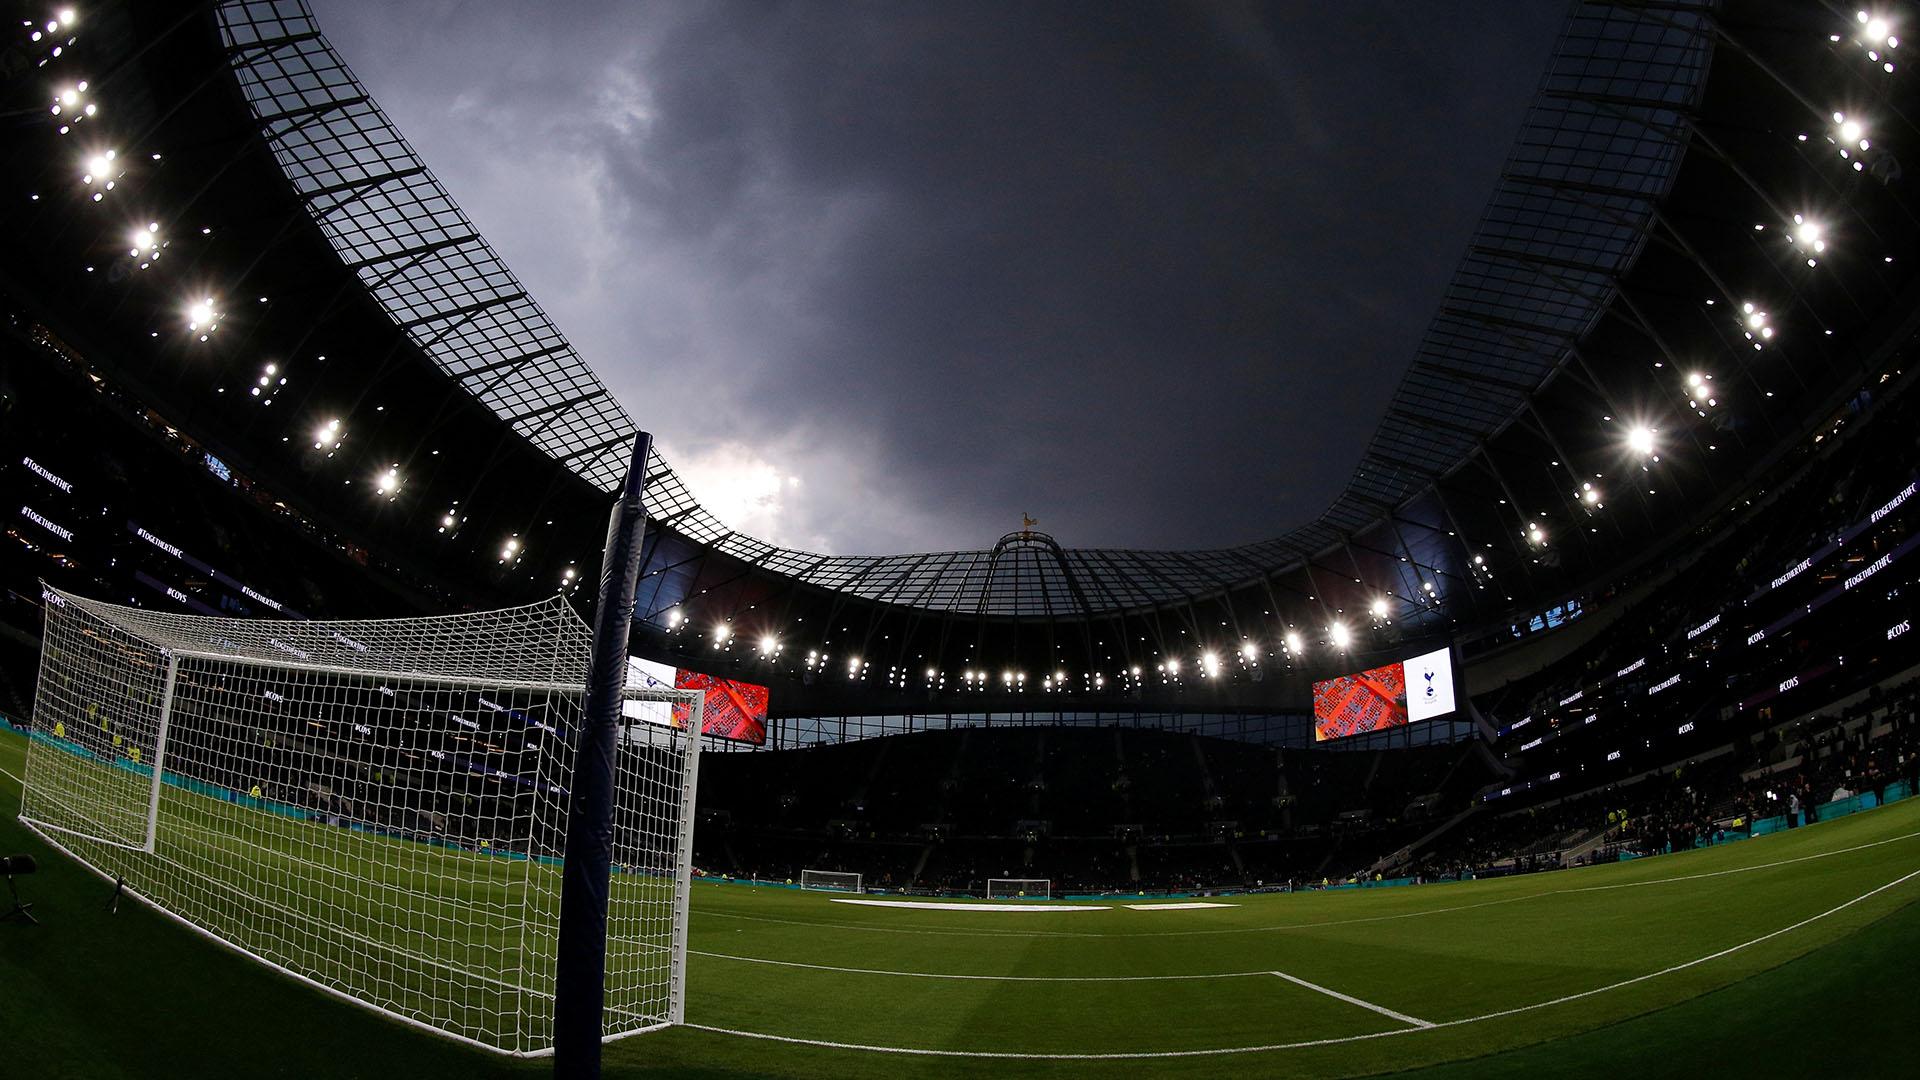 """""""Queríamos construir un estadiocon una capacidad mínima de 60.000 y logramos llegar a 62.000. No tuvo nada que ver con el Arsenal (cuyo estadio no supera los 61 mil)"""", afirmó el presidente"""